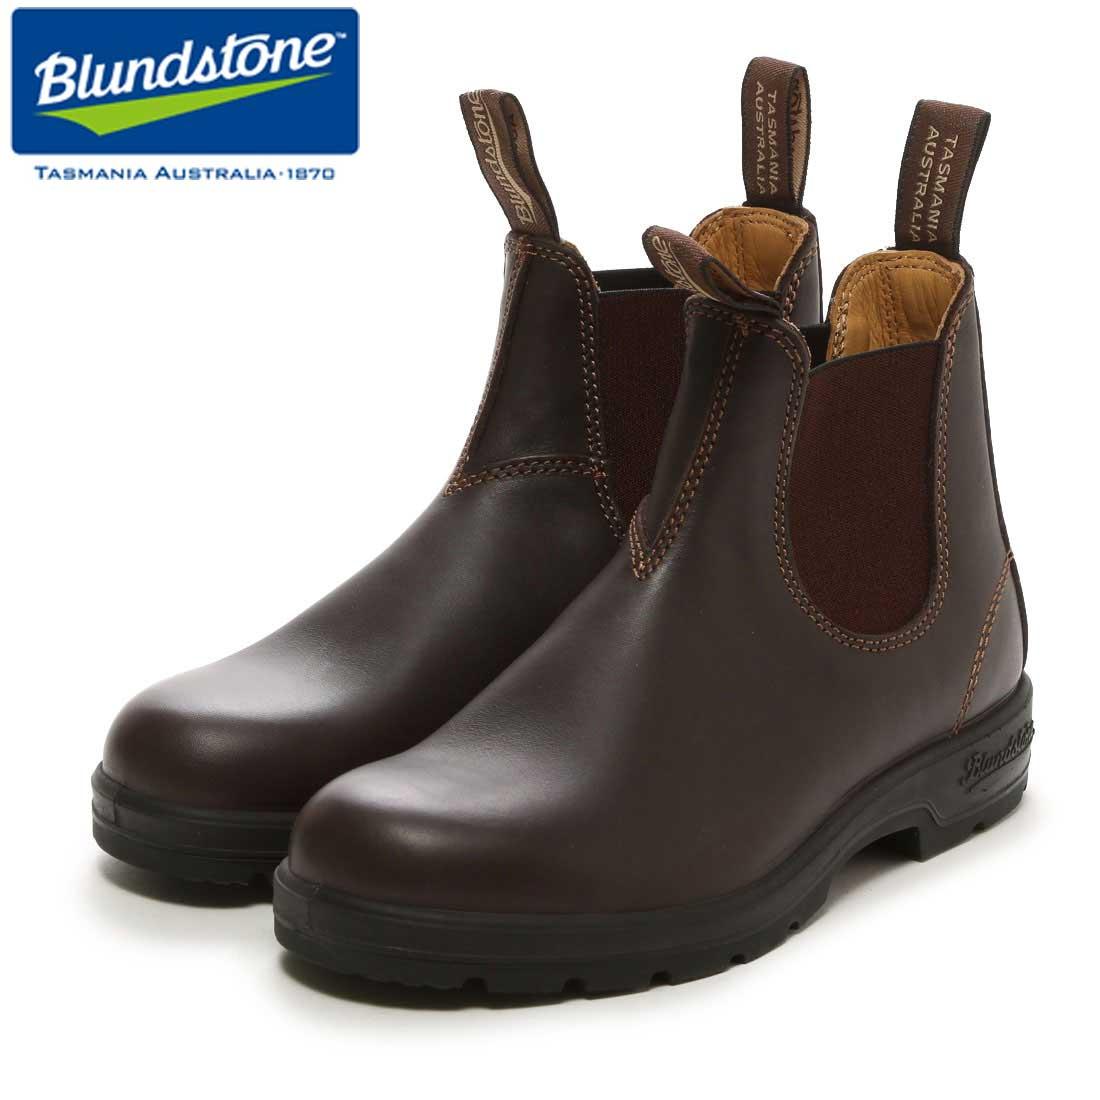 ブランドストーン Blundstone BS550 292 (ユニセックス) ウォールナット 「靴」